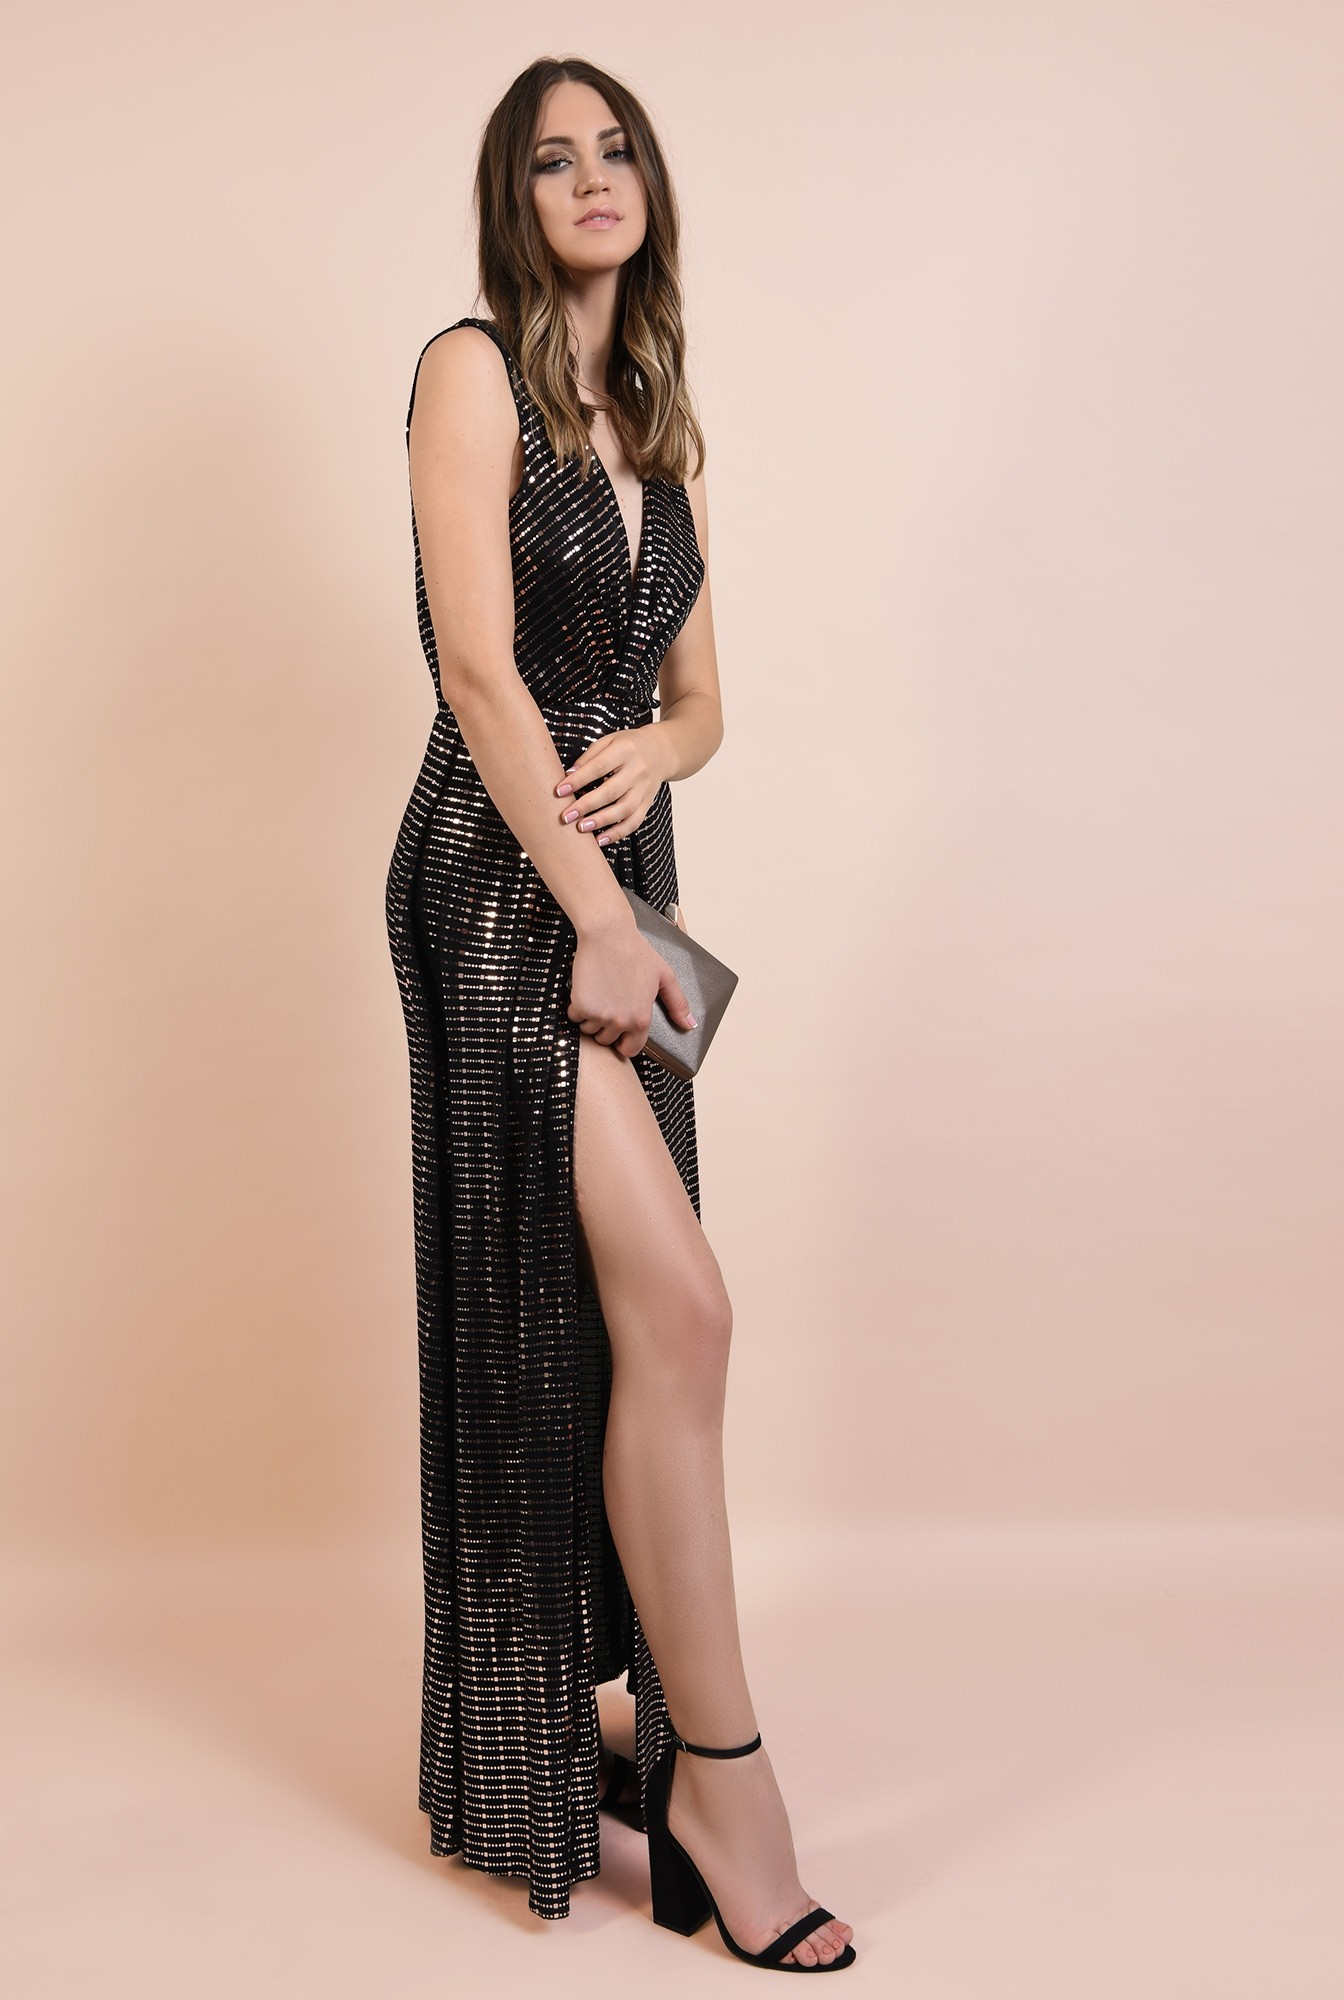 0 - 360 - rochie de seara, lunga, din lurex cu detalii aurii, anchior, croi petrecut, Poema